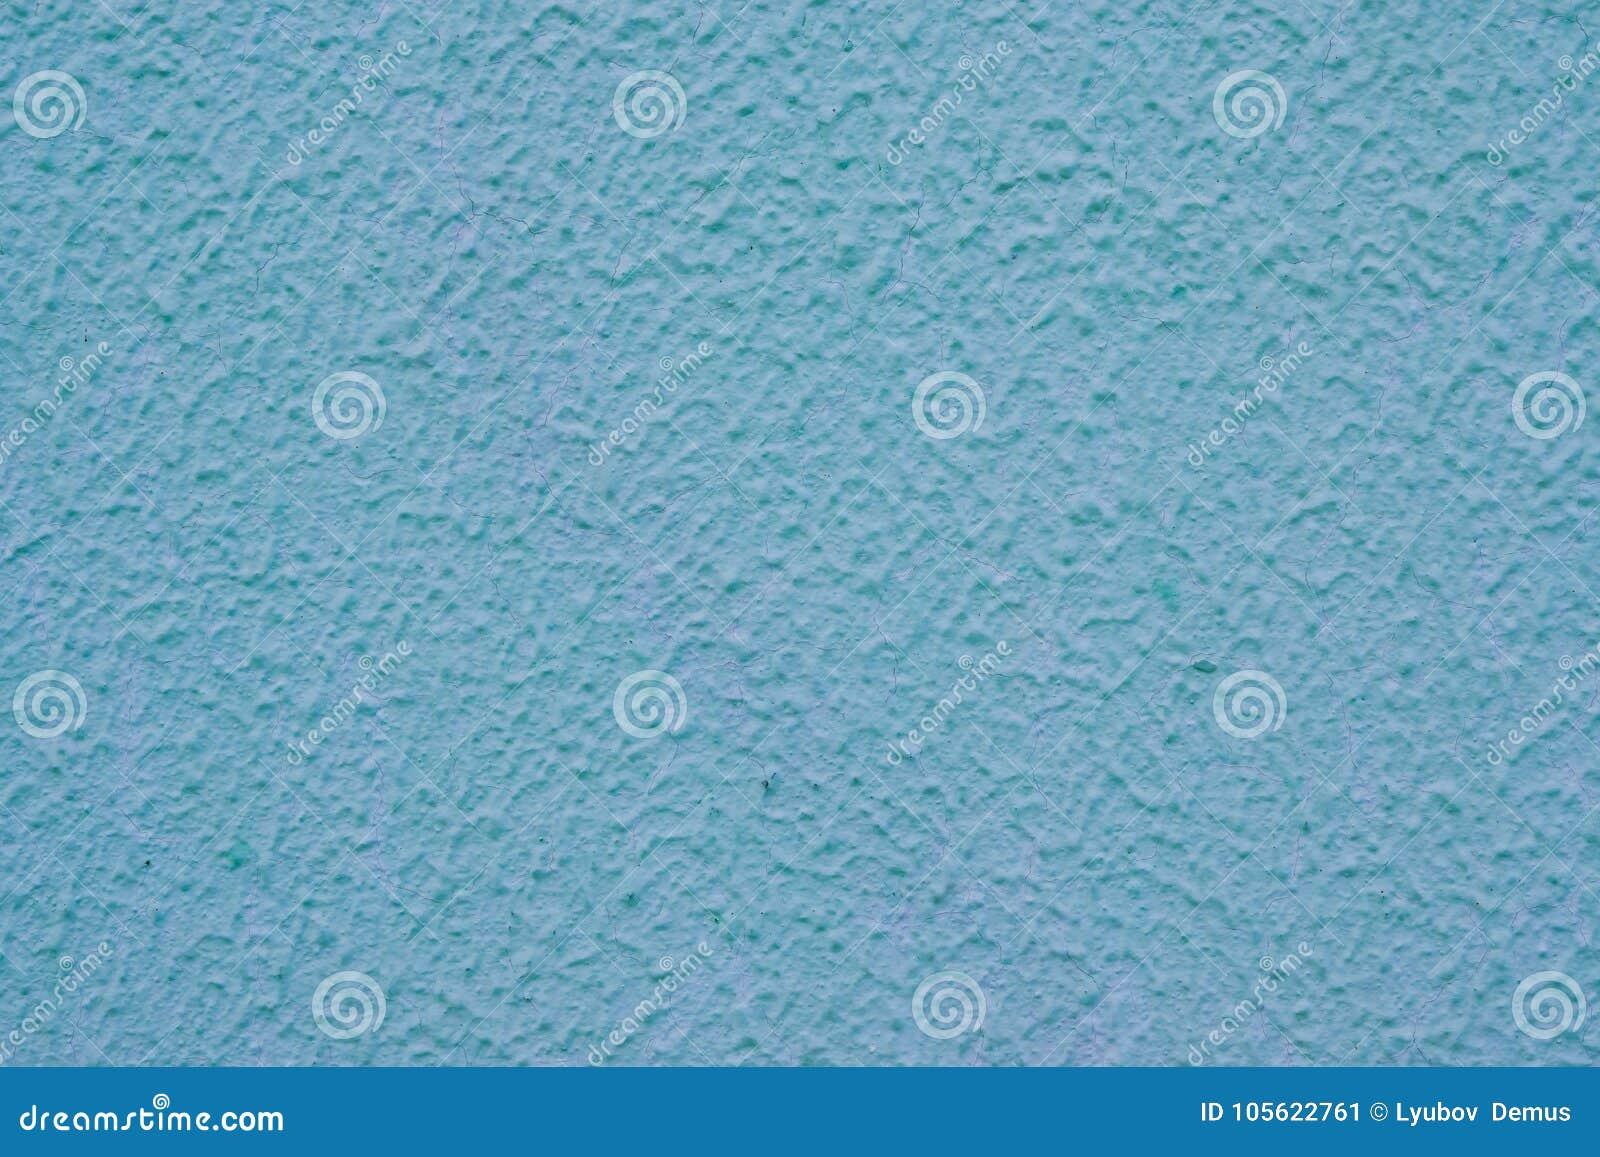 Текстурируйте поверхность цемента цвета неровную, абстрактную предпосылку для дизайна печати